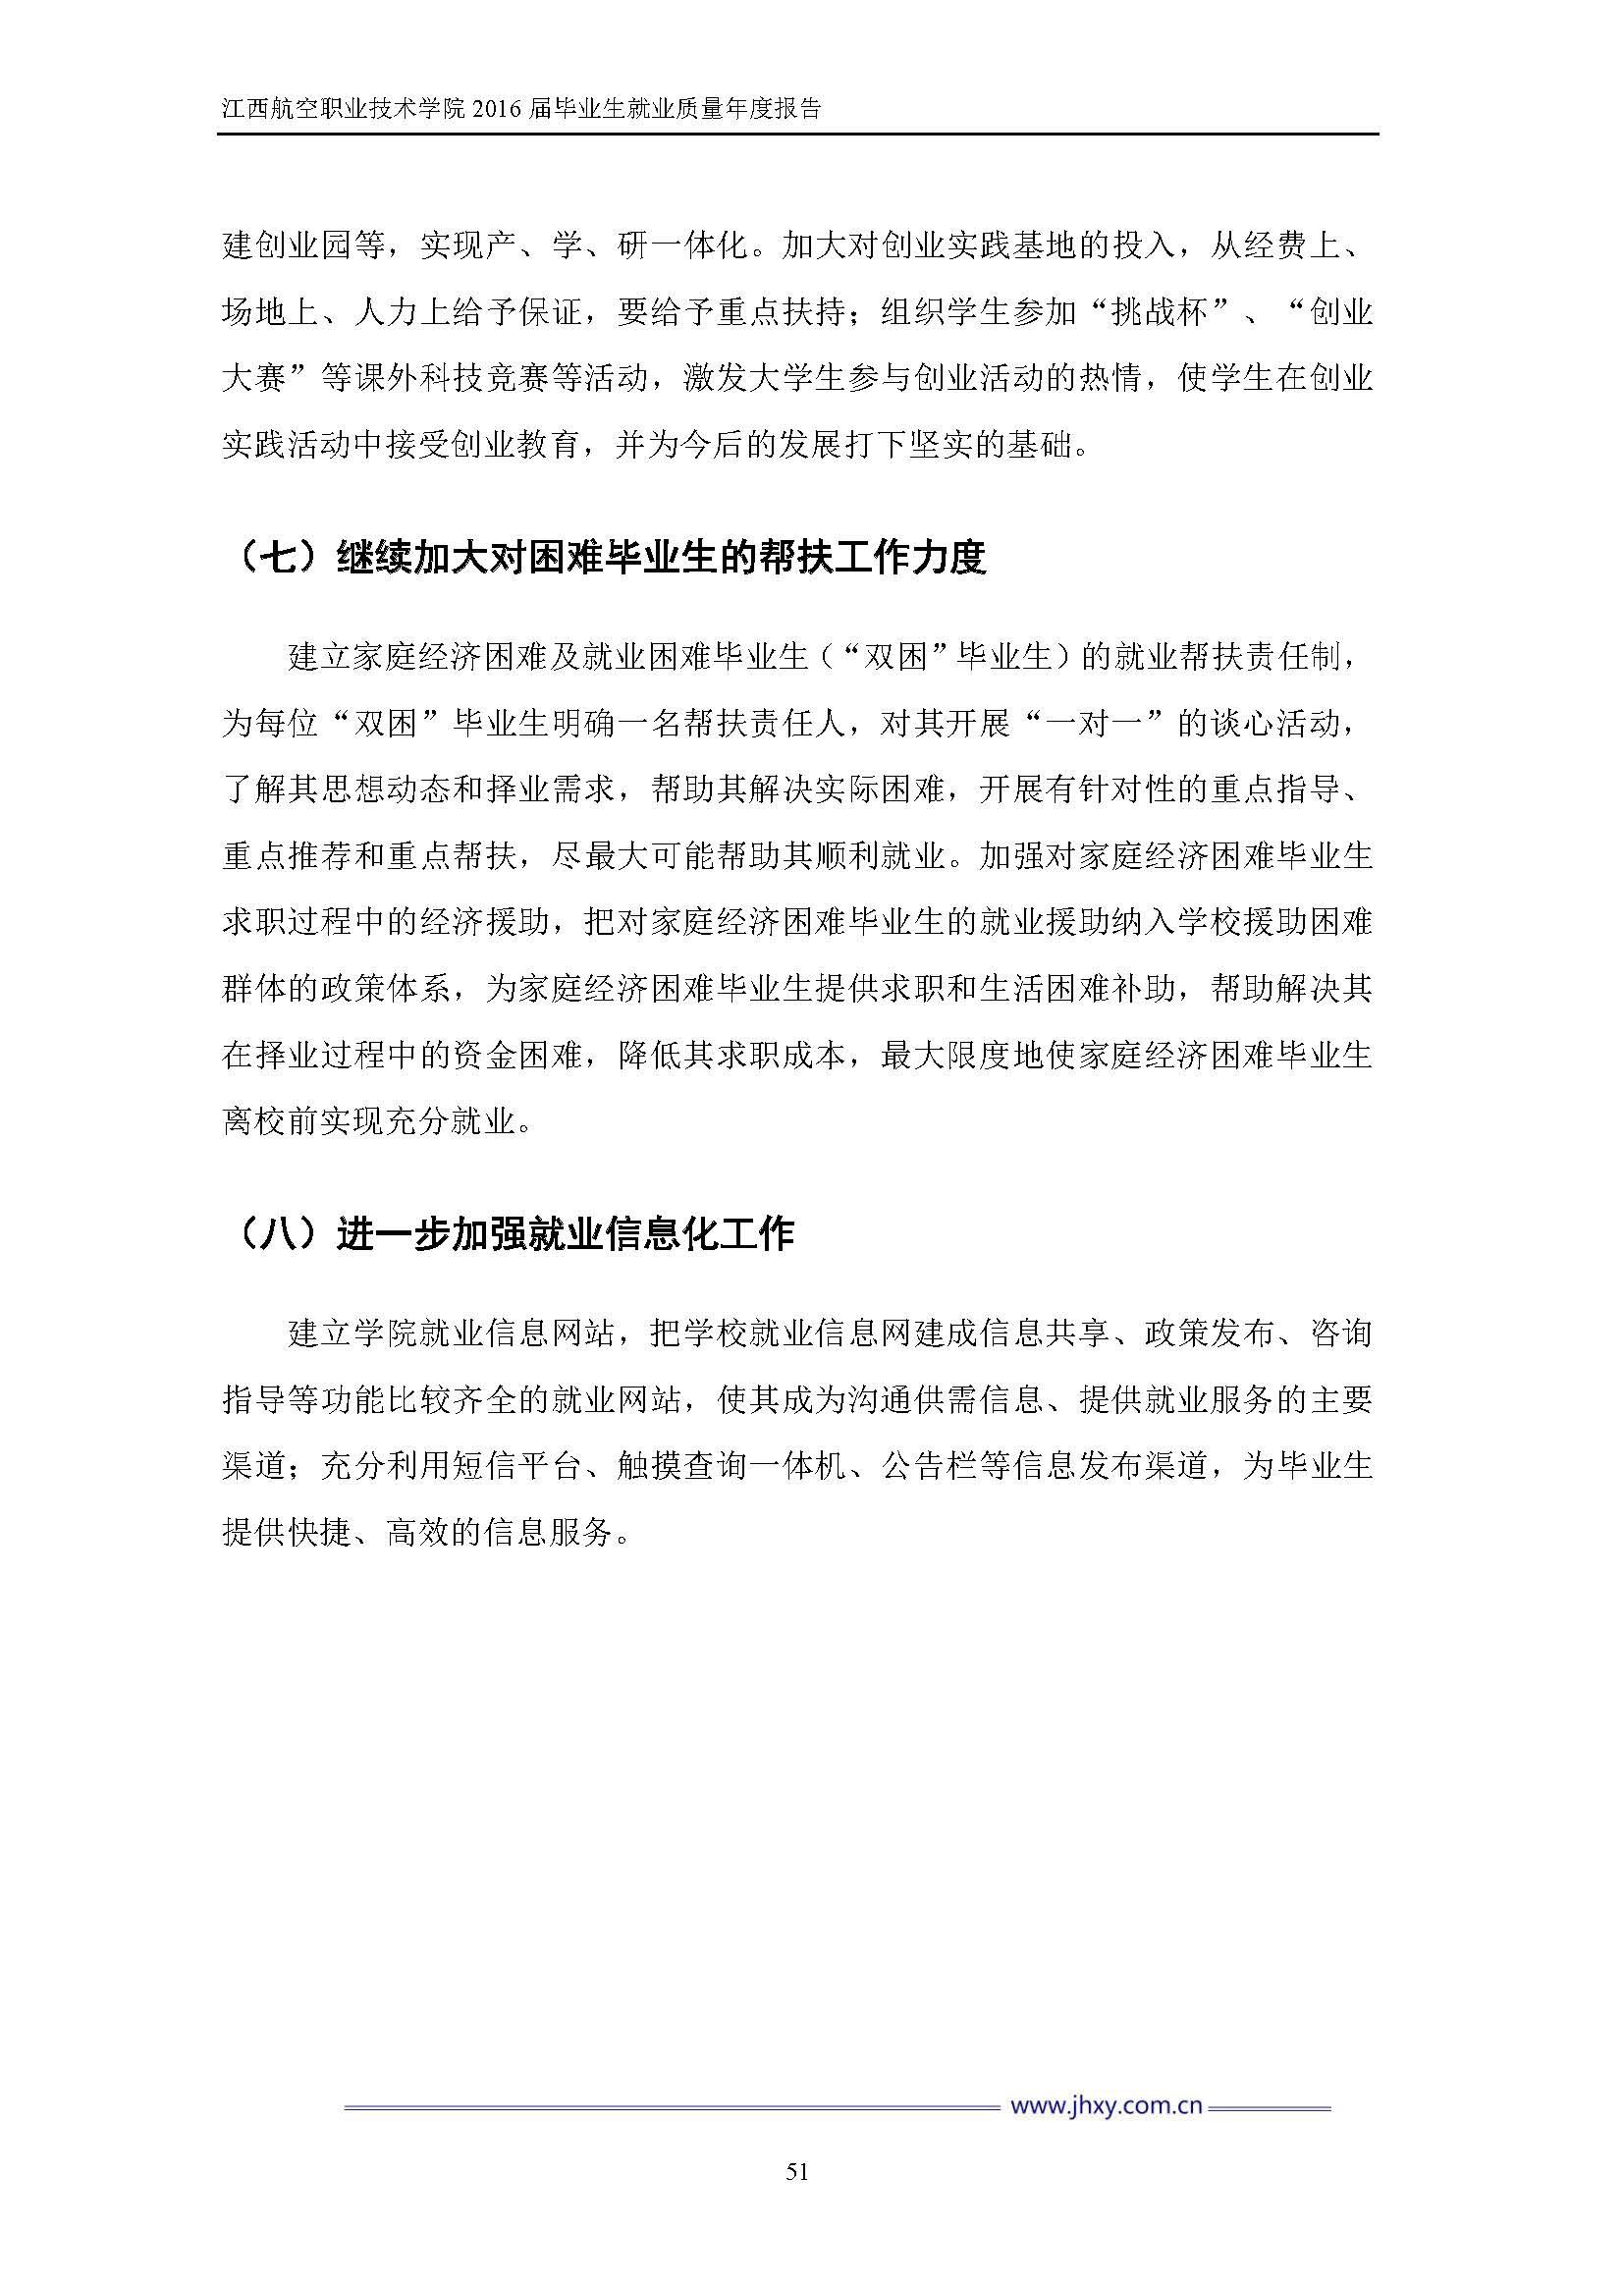 江西航空职业技术学院2016届毕业生就业质量年度报告_Page_58.jpg